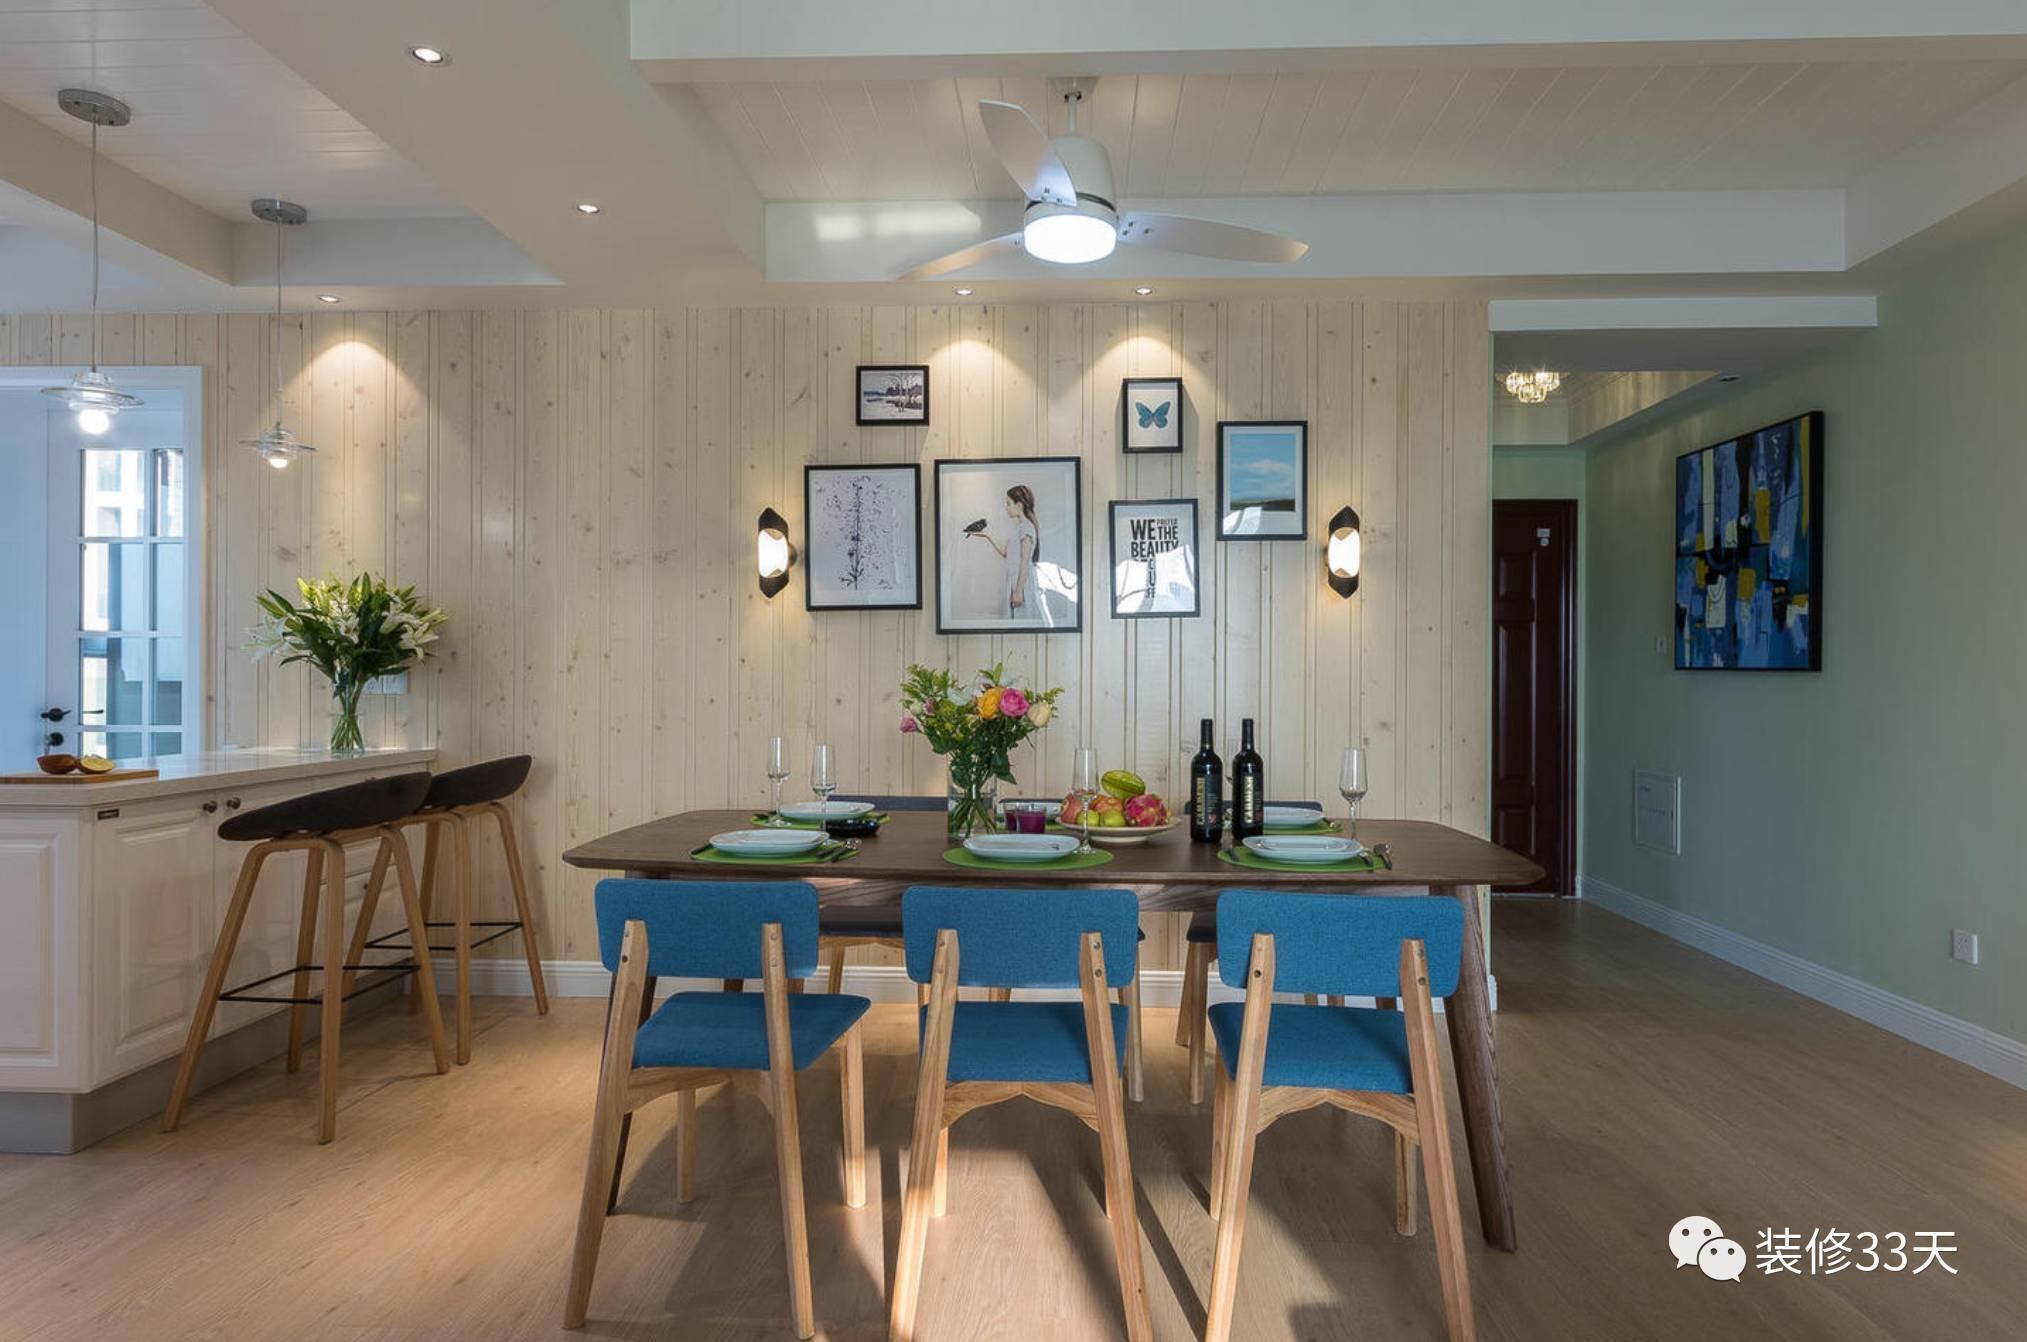 杉木板刷清漆上墙,体现出木质的温暖,和开放式厨房之间采用吧台隔断